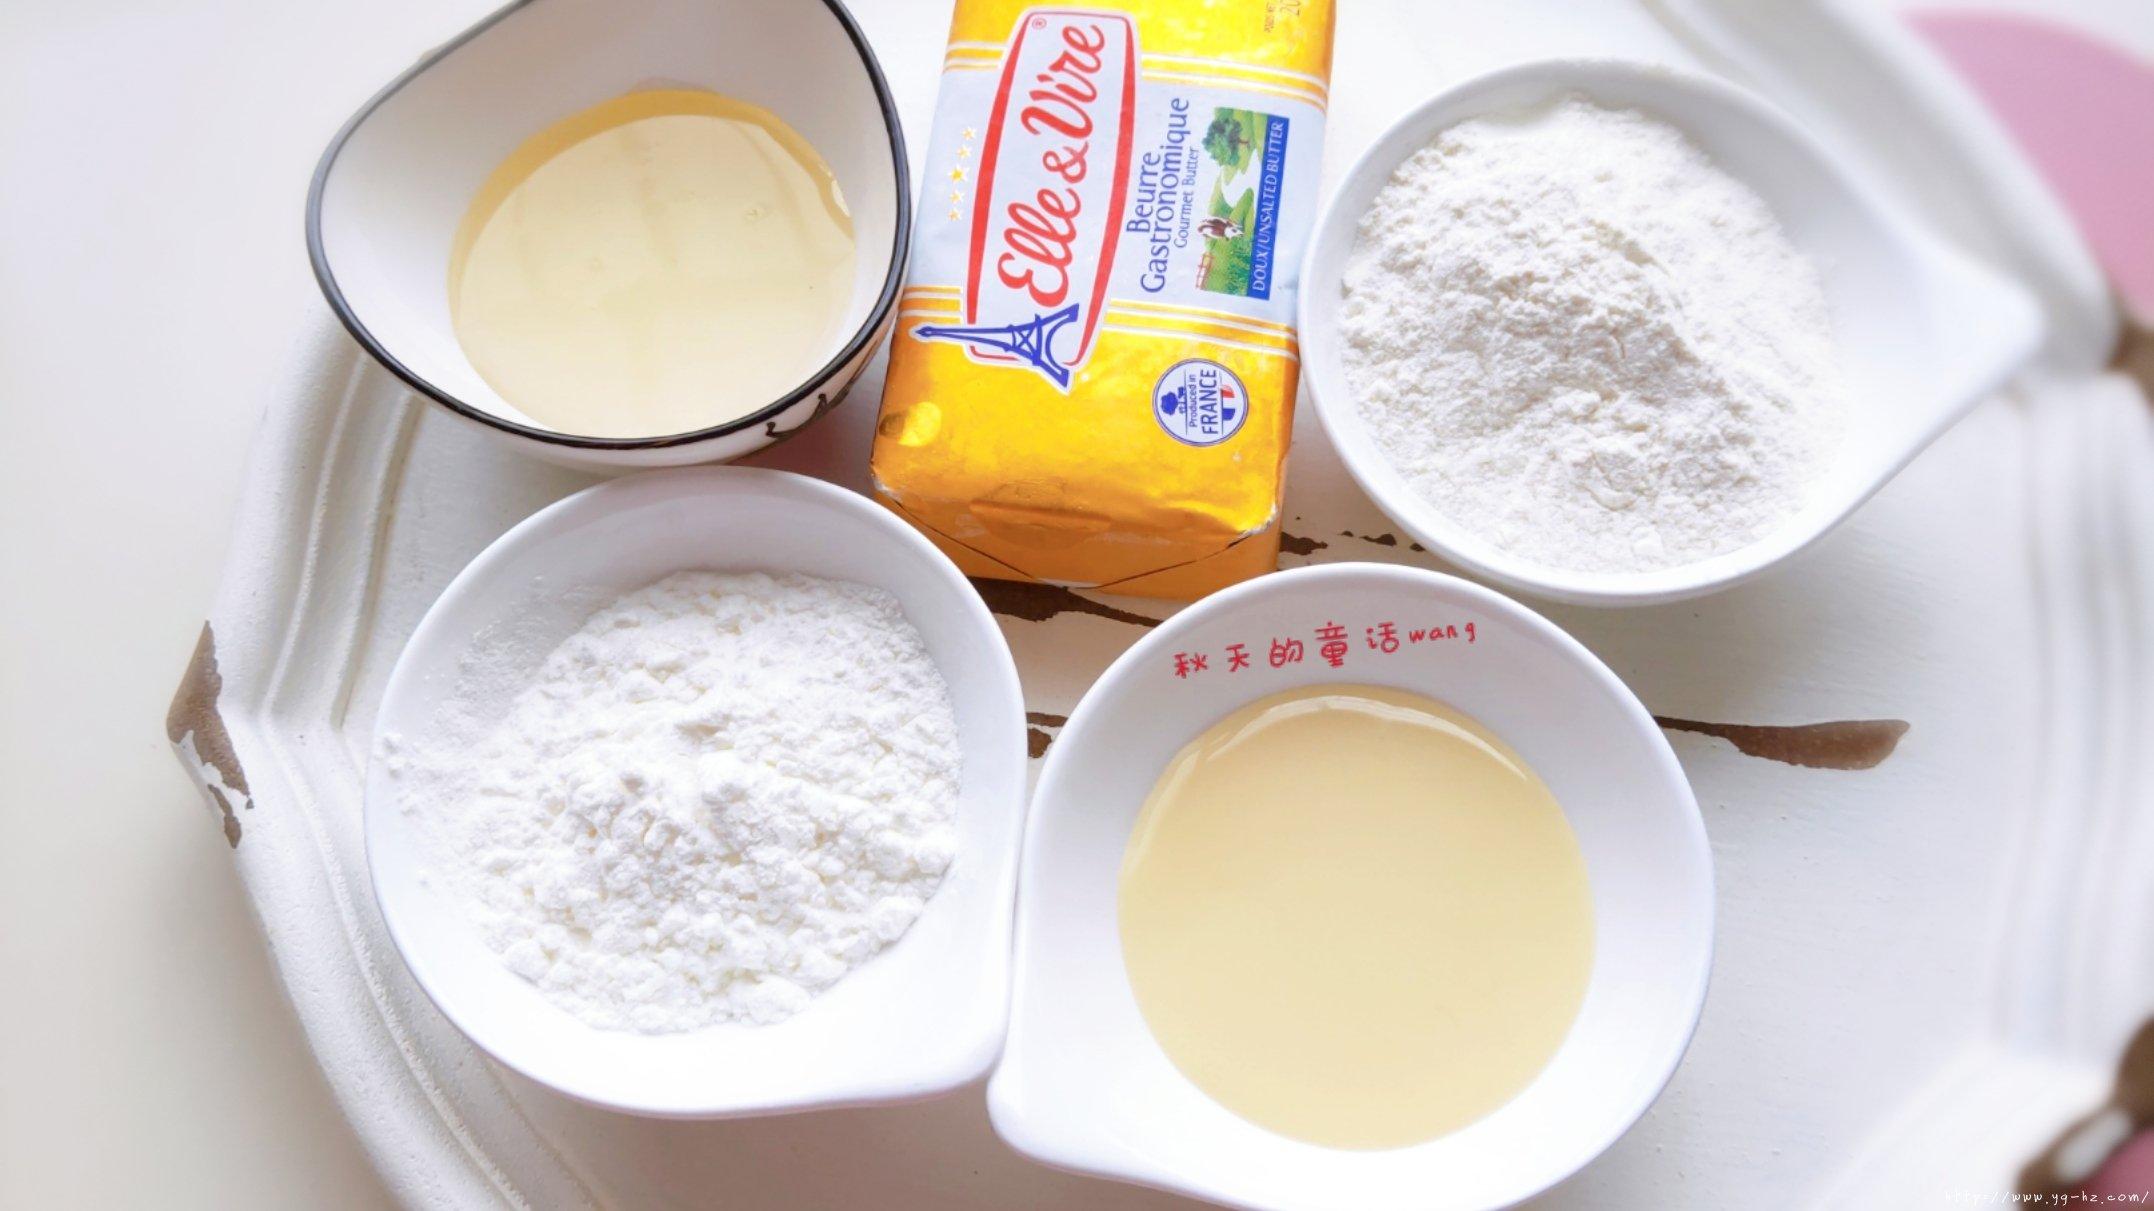 不用转化糖浆的月饼(黄油版)的做法 步骤1